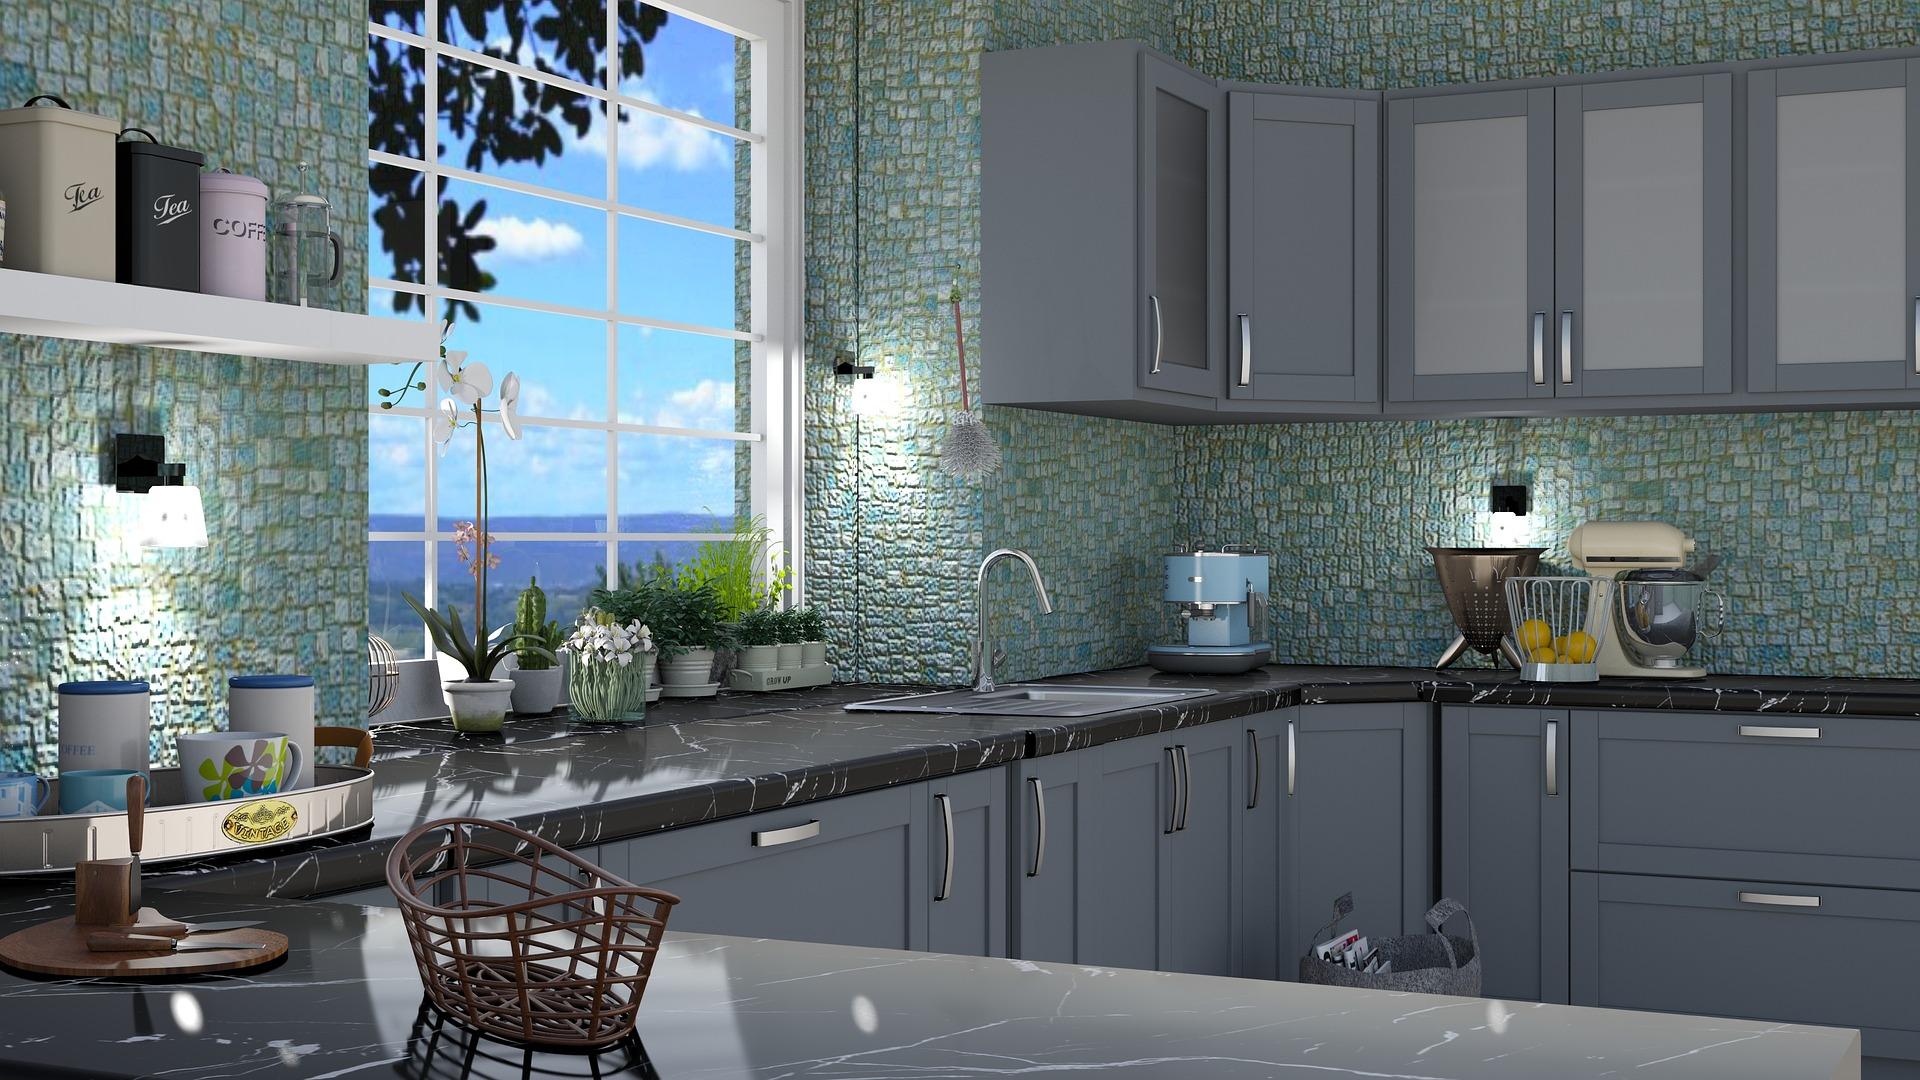 kitchen-3575052_1920